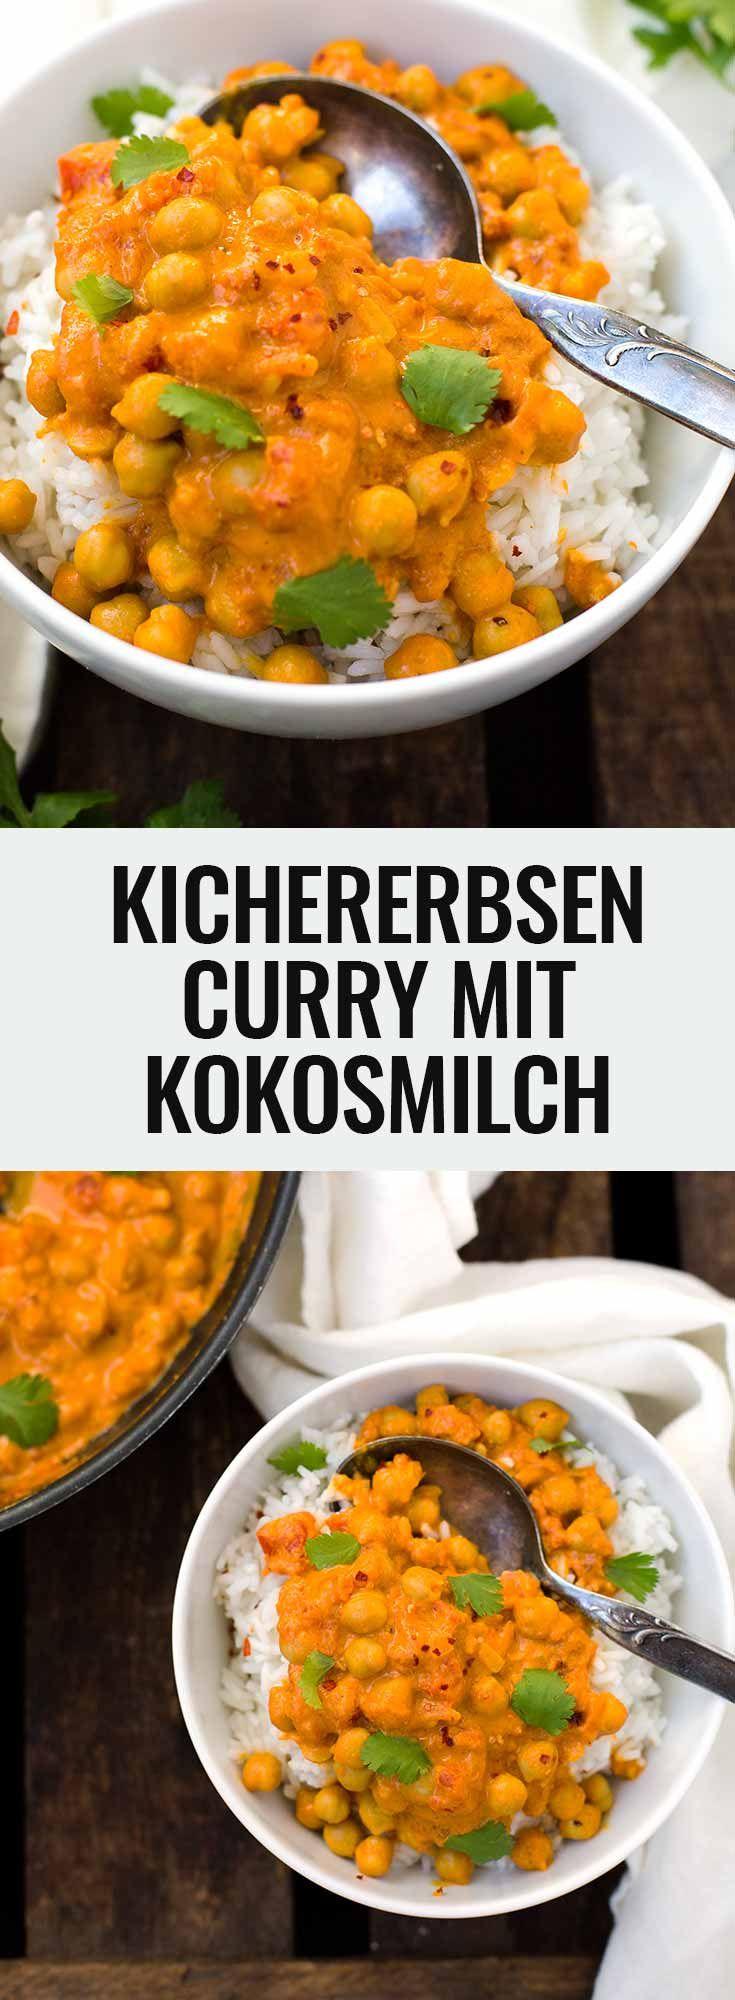 Kichererbsen-Curry mit Kokosmilch - 30 Minuten und super lecker - Kochkarussell #veganerezeptemittag